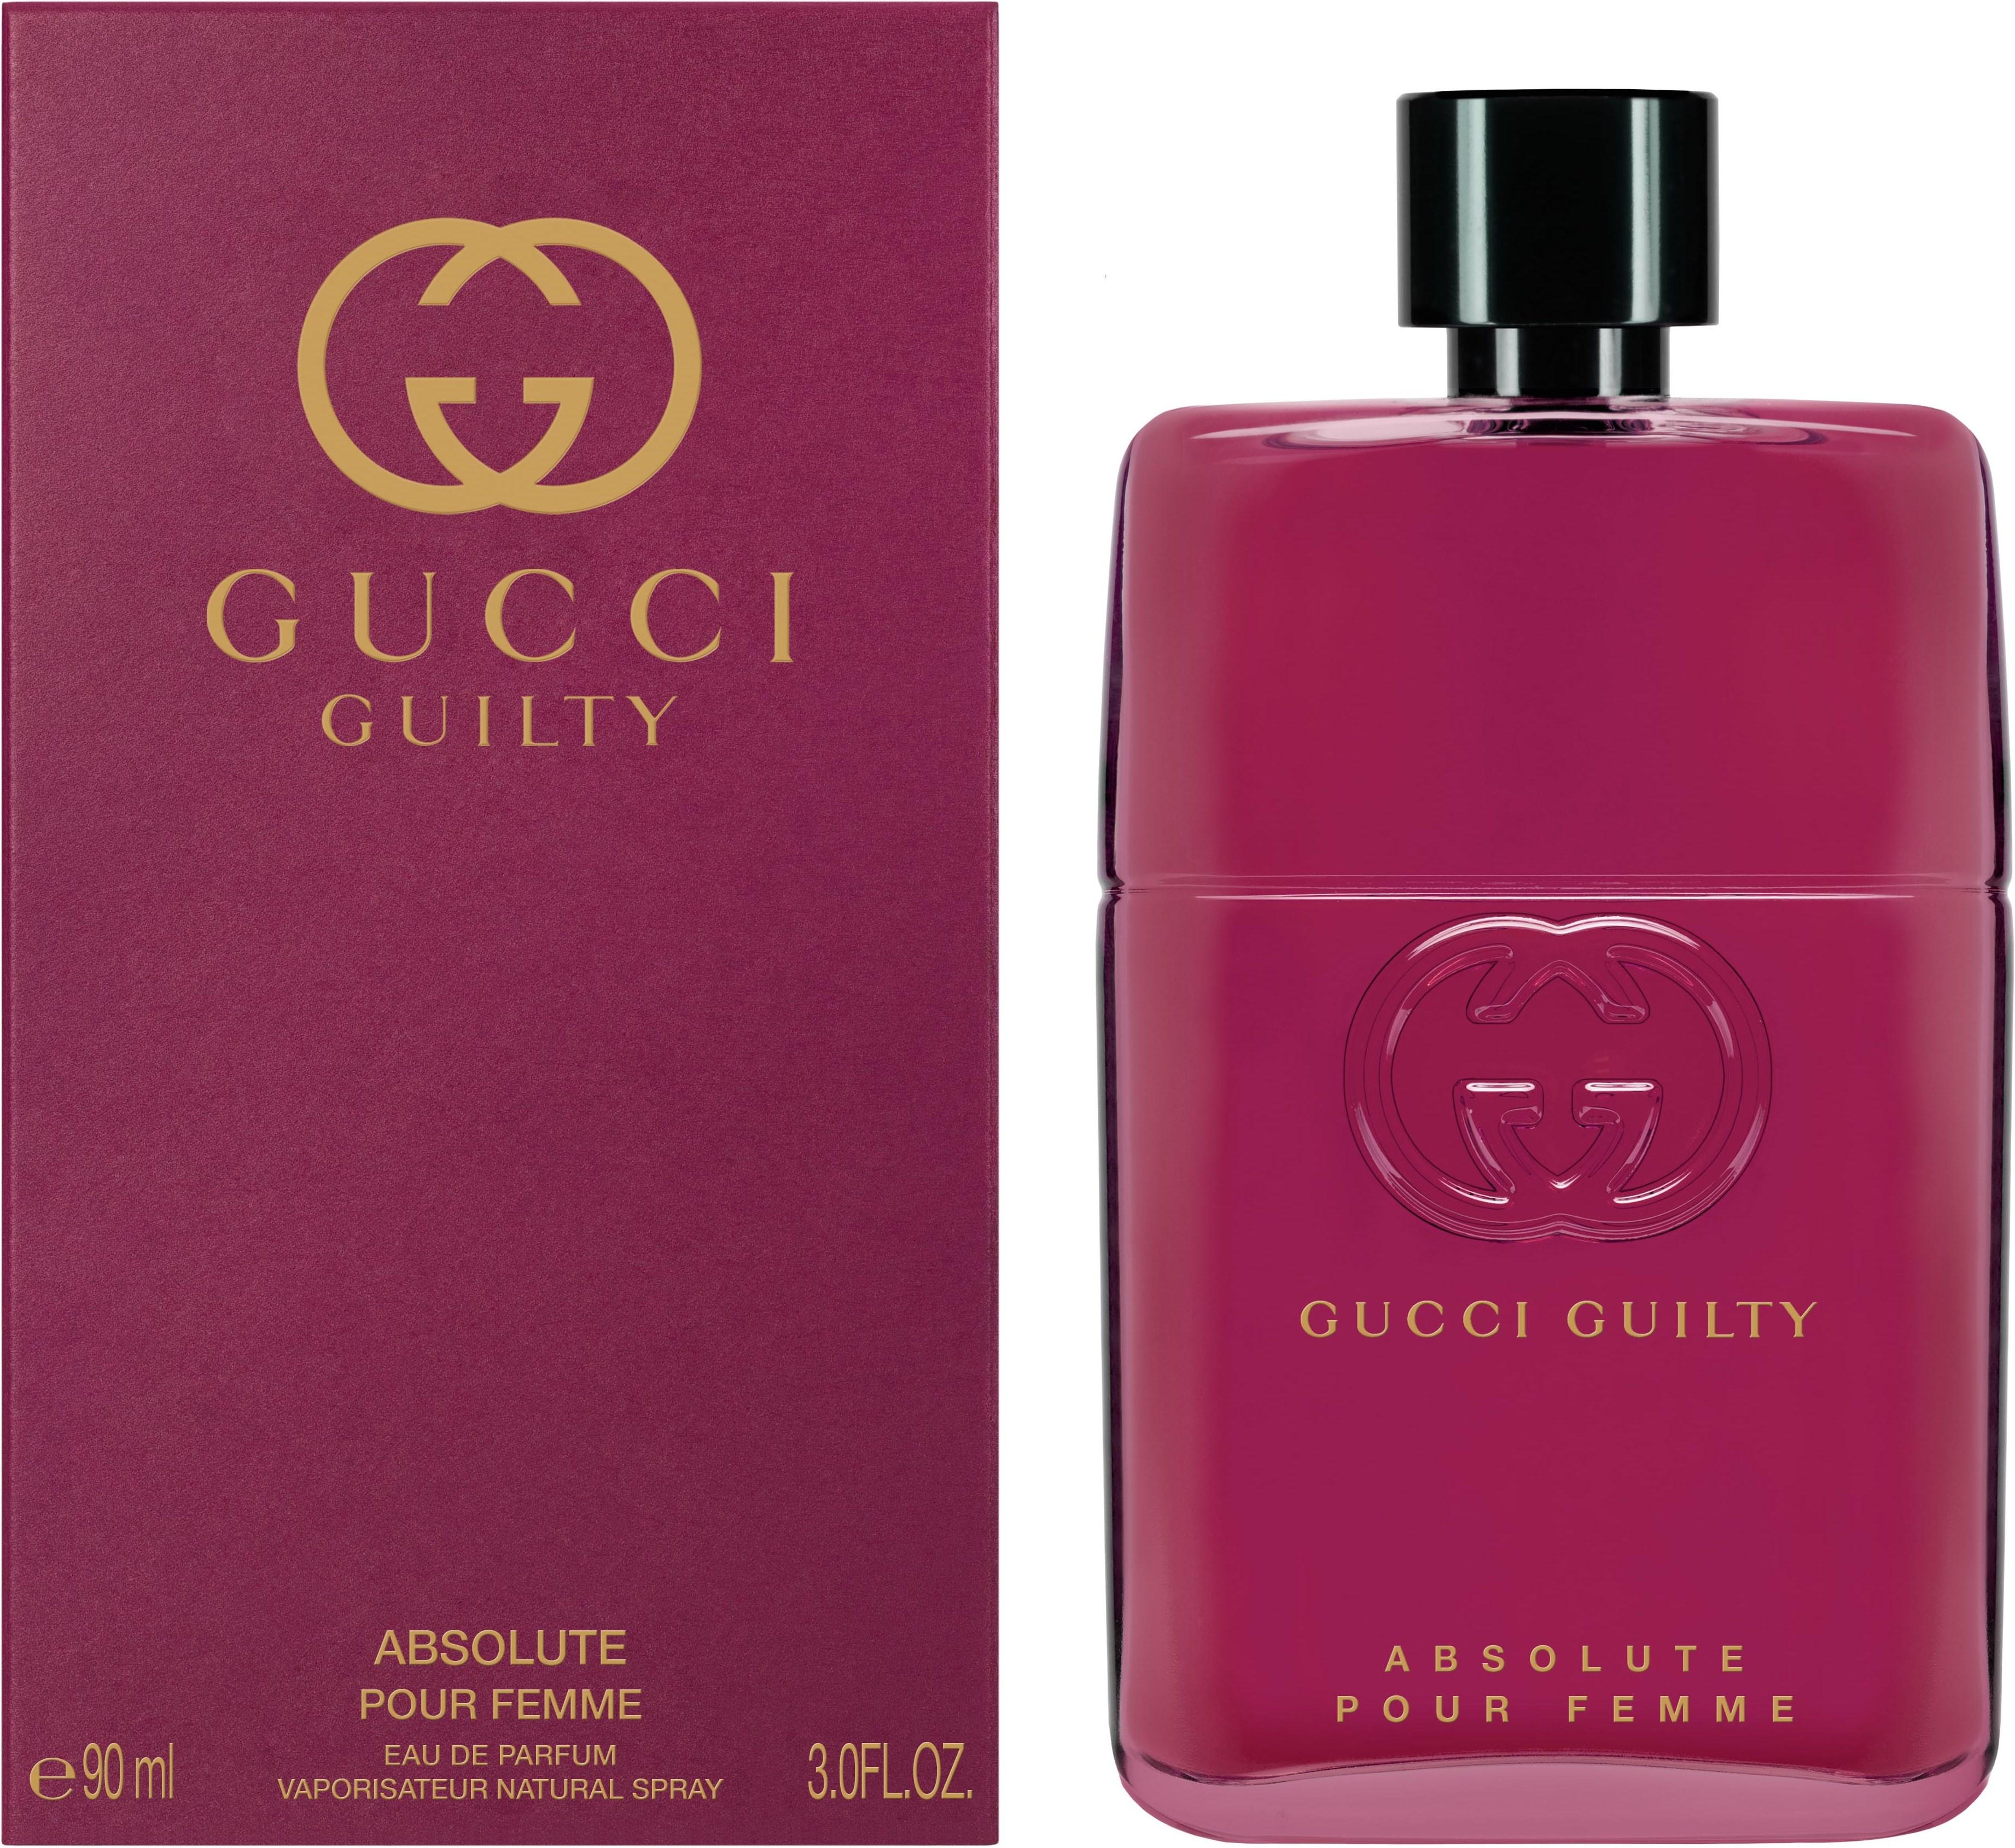 Gucci Guilty Absolute Pour Femme Eau de Parfum 90ml